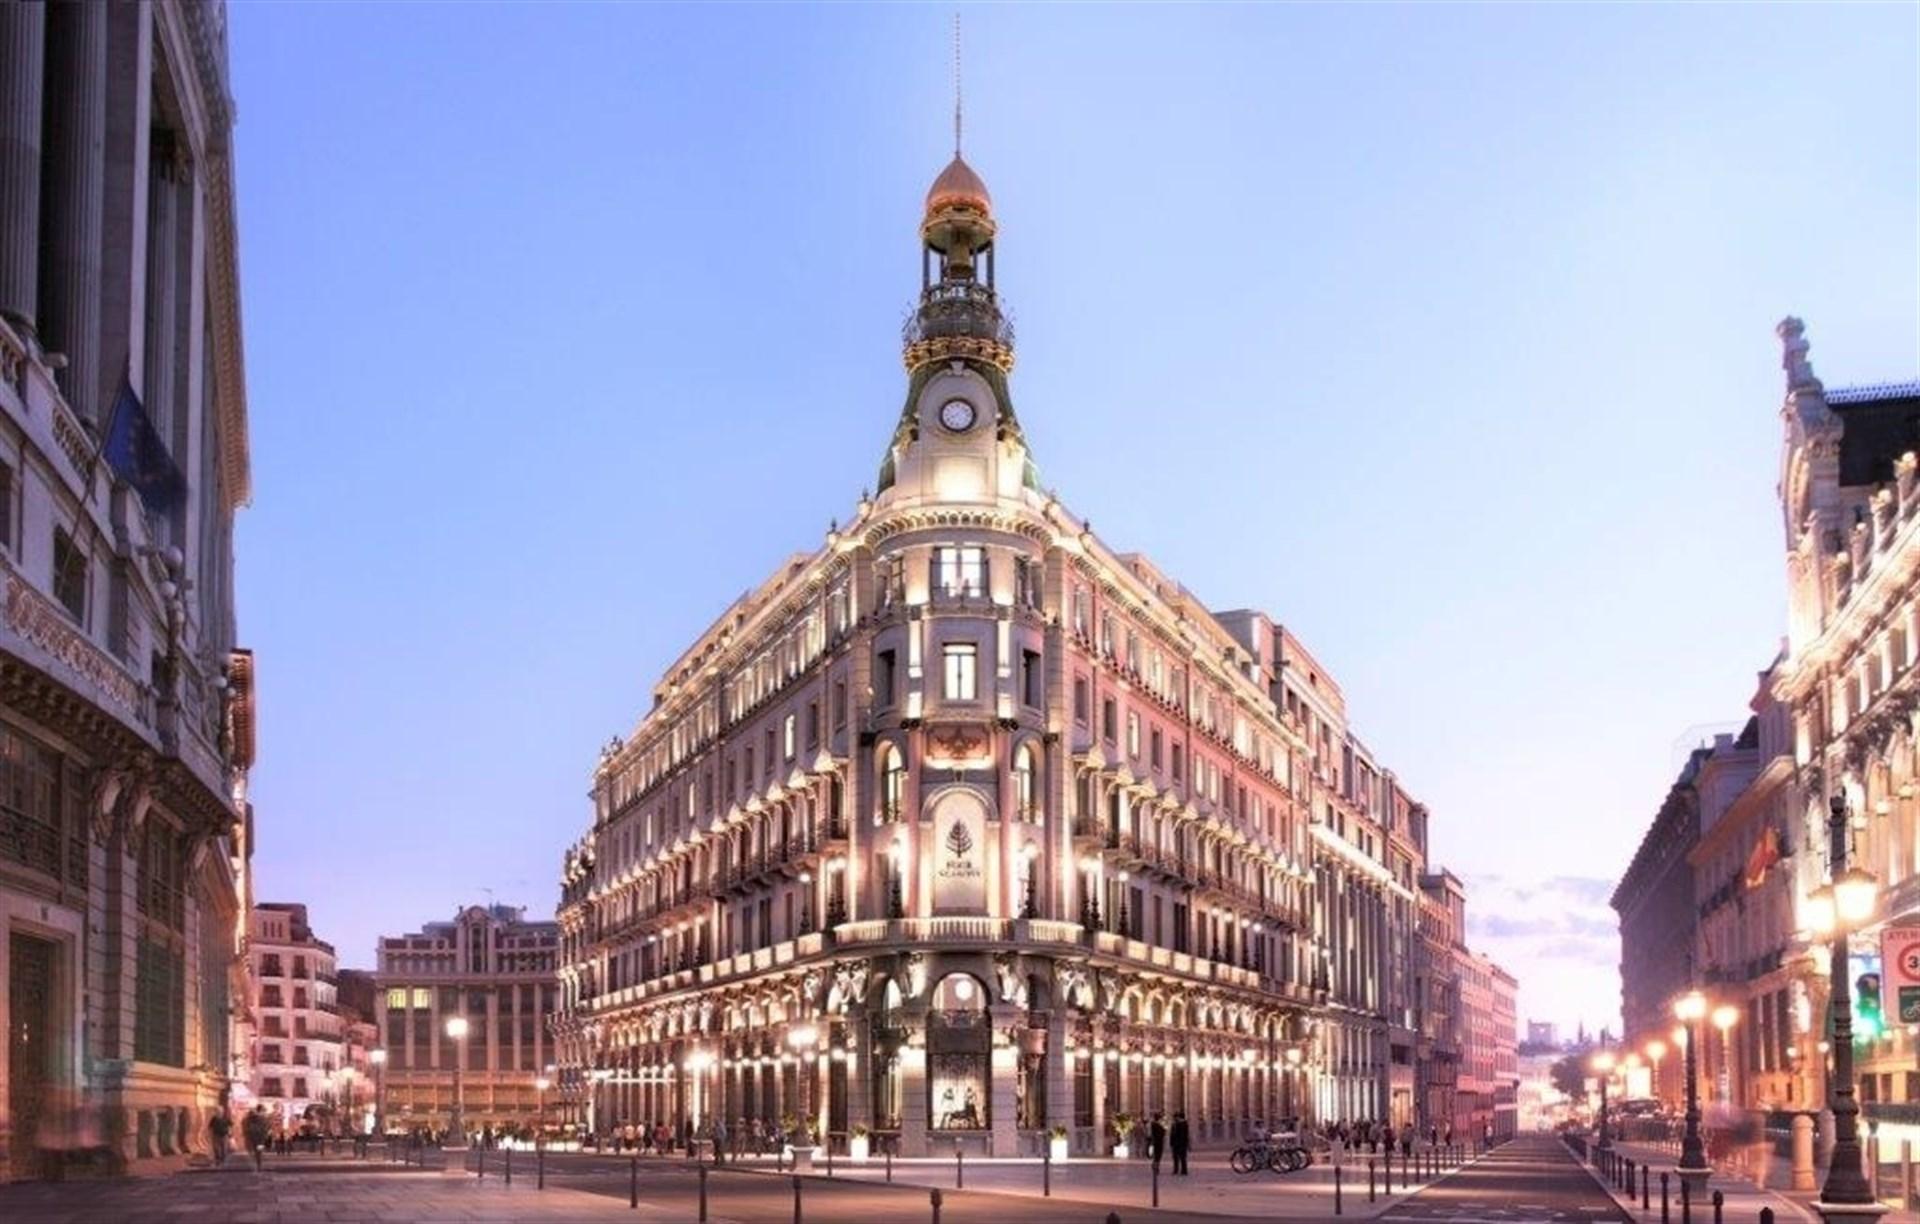 Ohl planea abrir en 2019 el centro canalejas de madrid for Edificio puerta real madrid